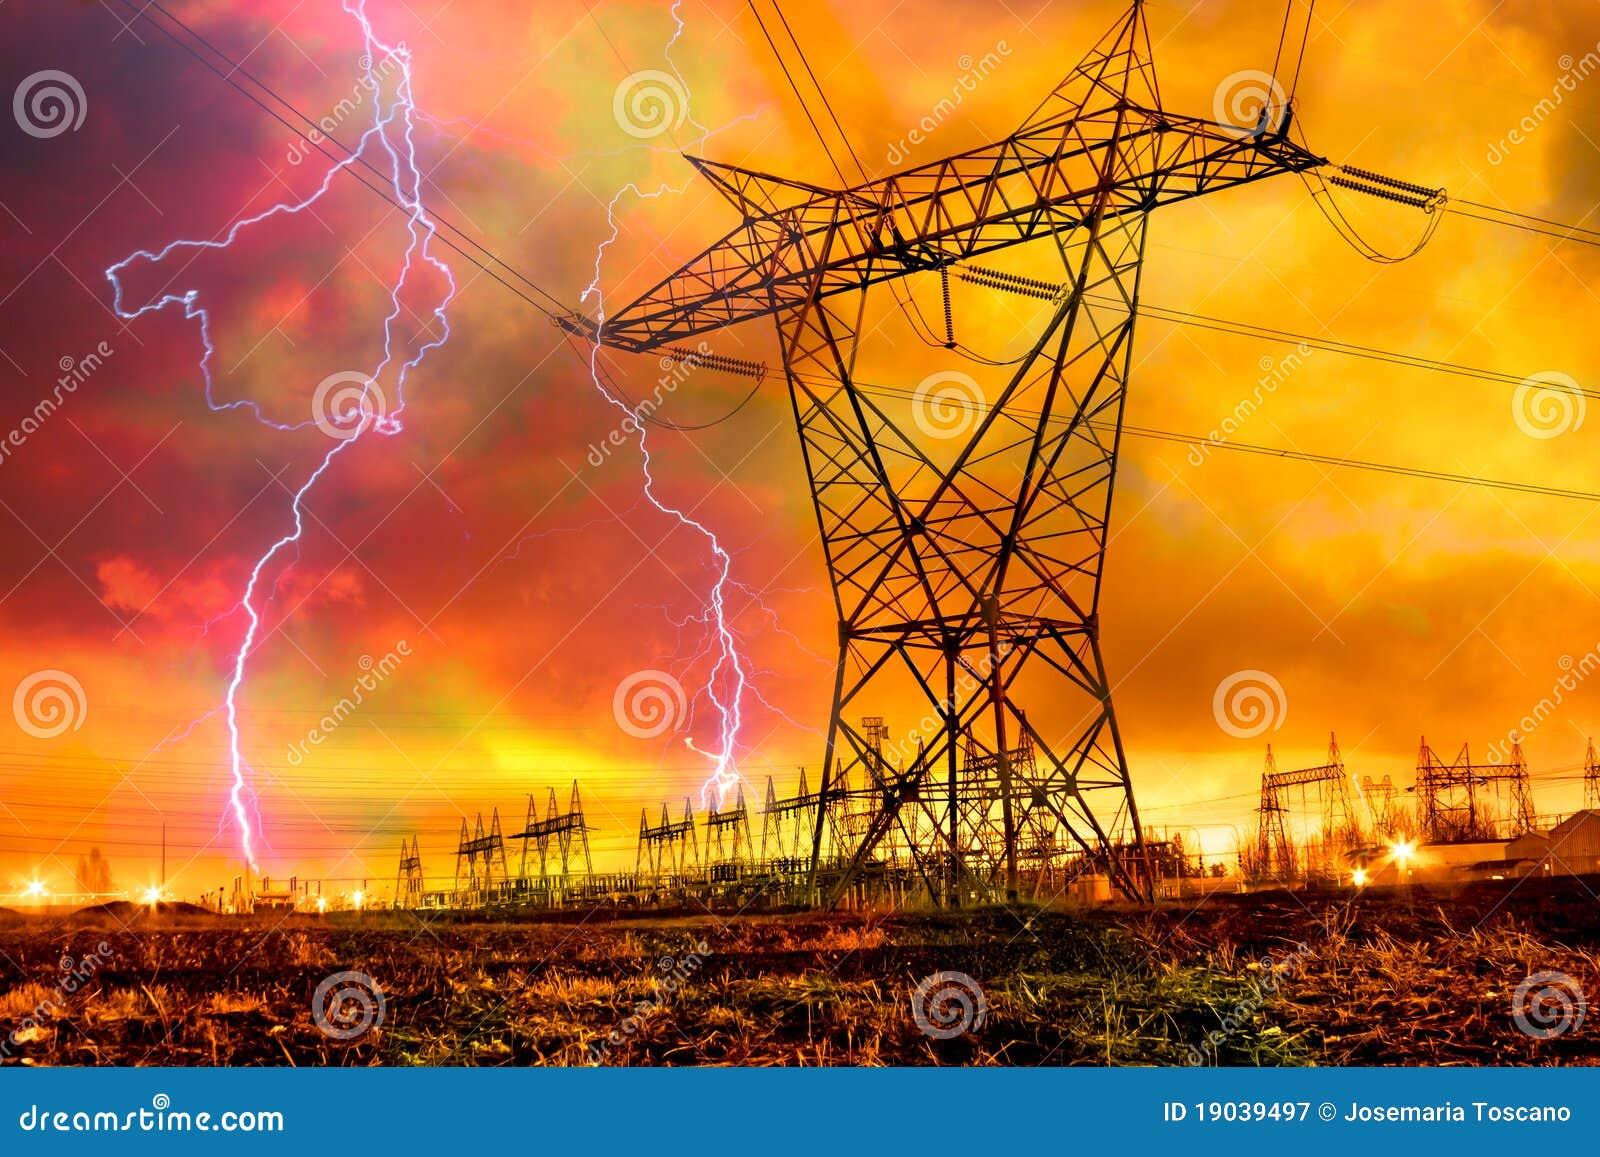 De Post van de Distributie van de macht met de Staking van de Bliksem.